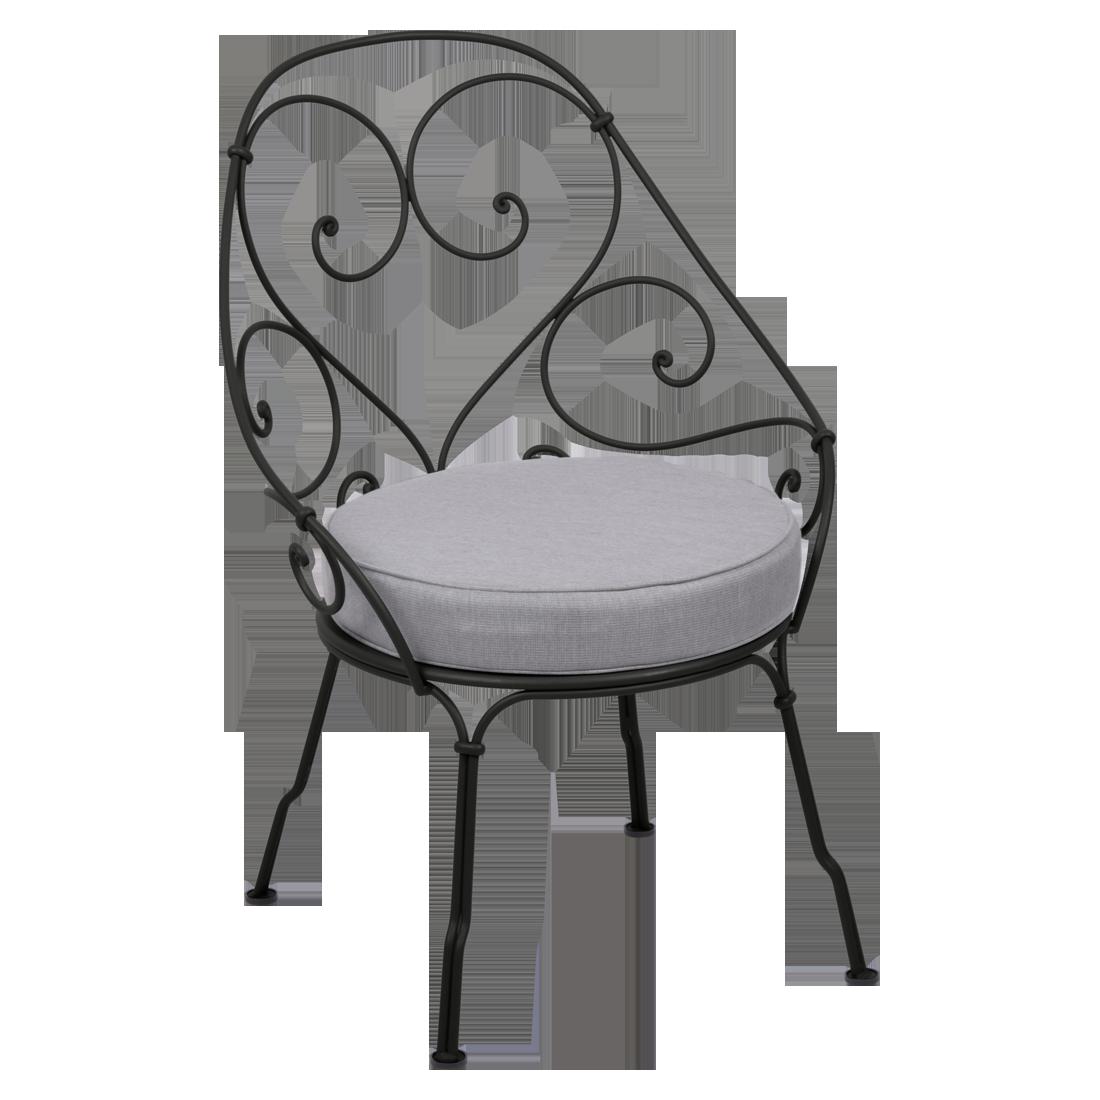 fauteuil de jardin, fauteuil volute, fauteuil fermob, fauteuil noir